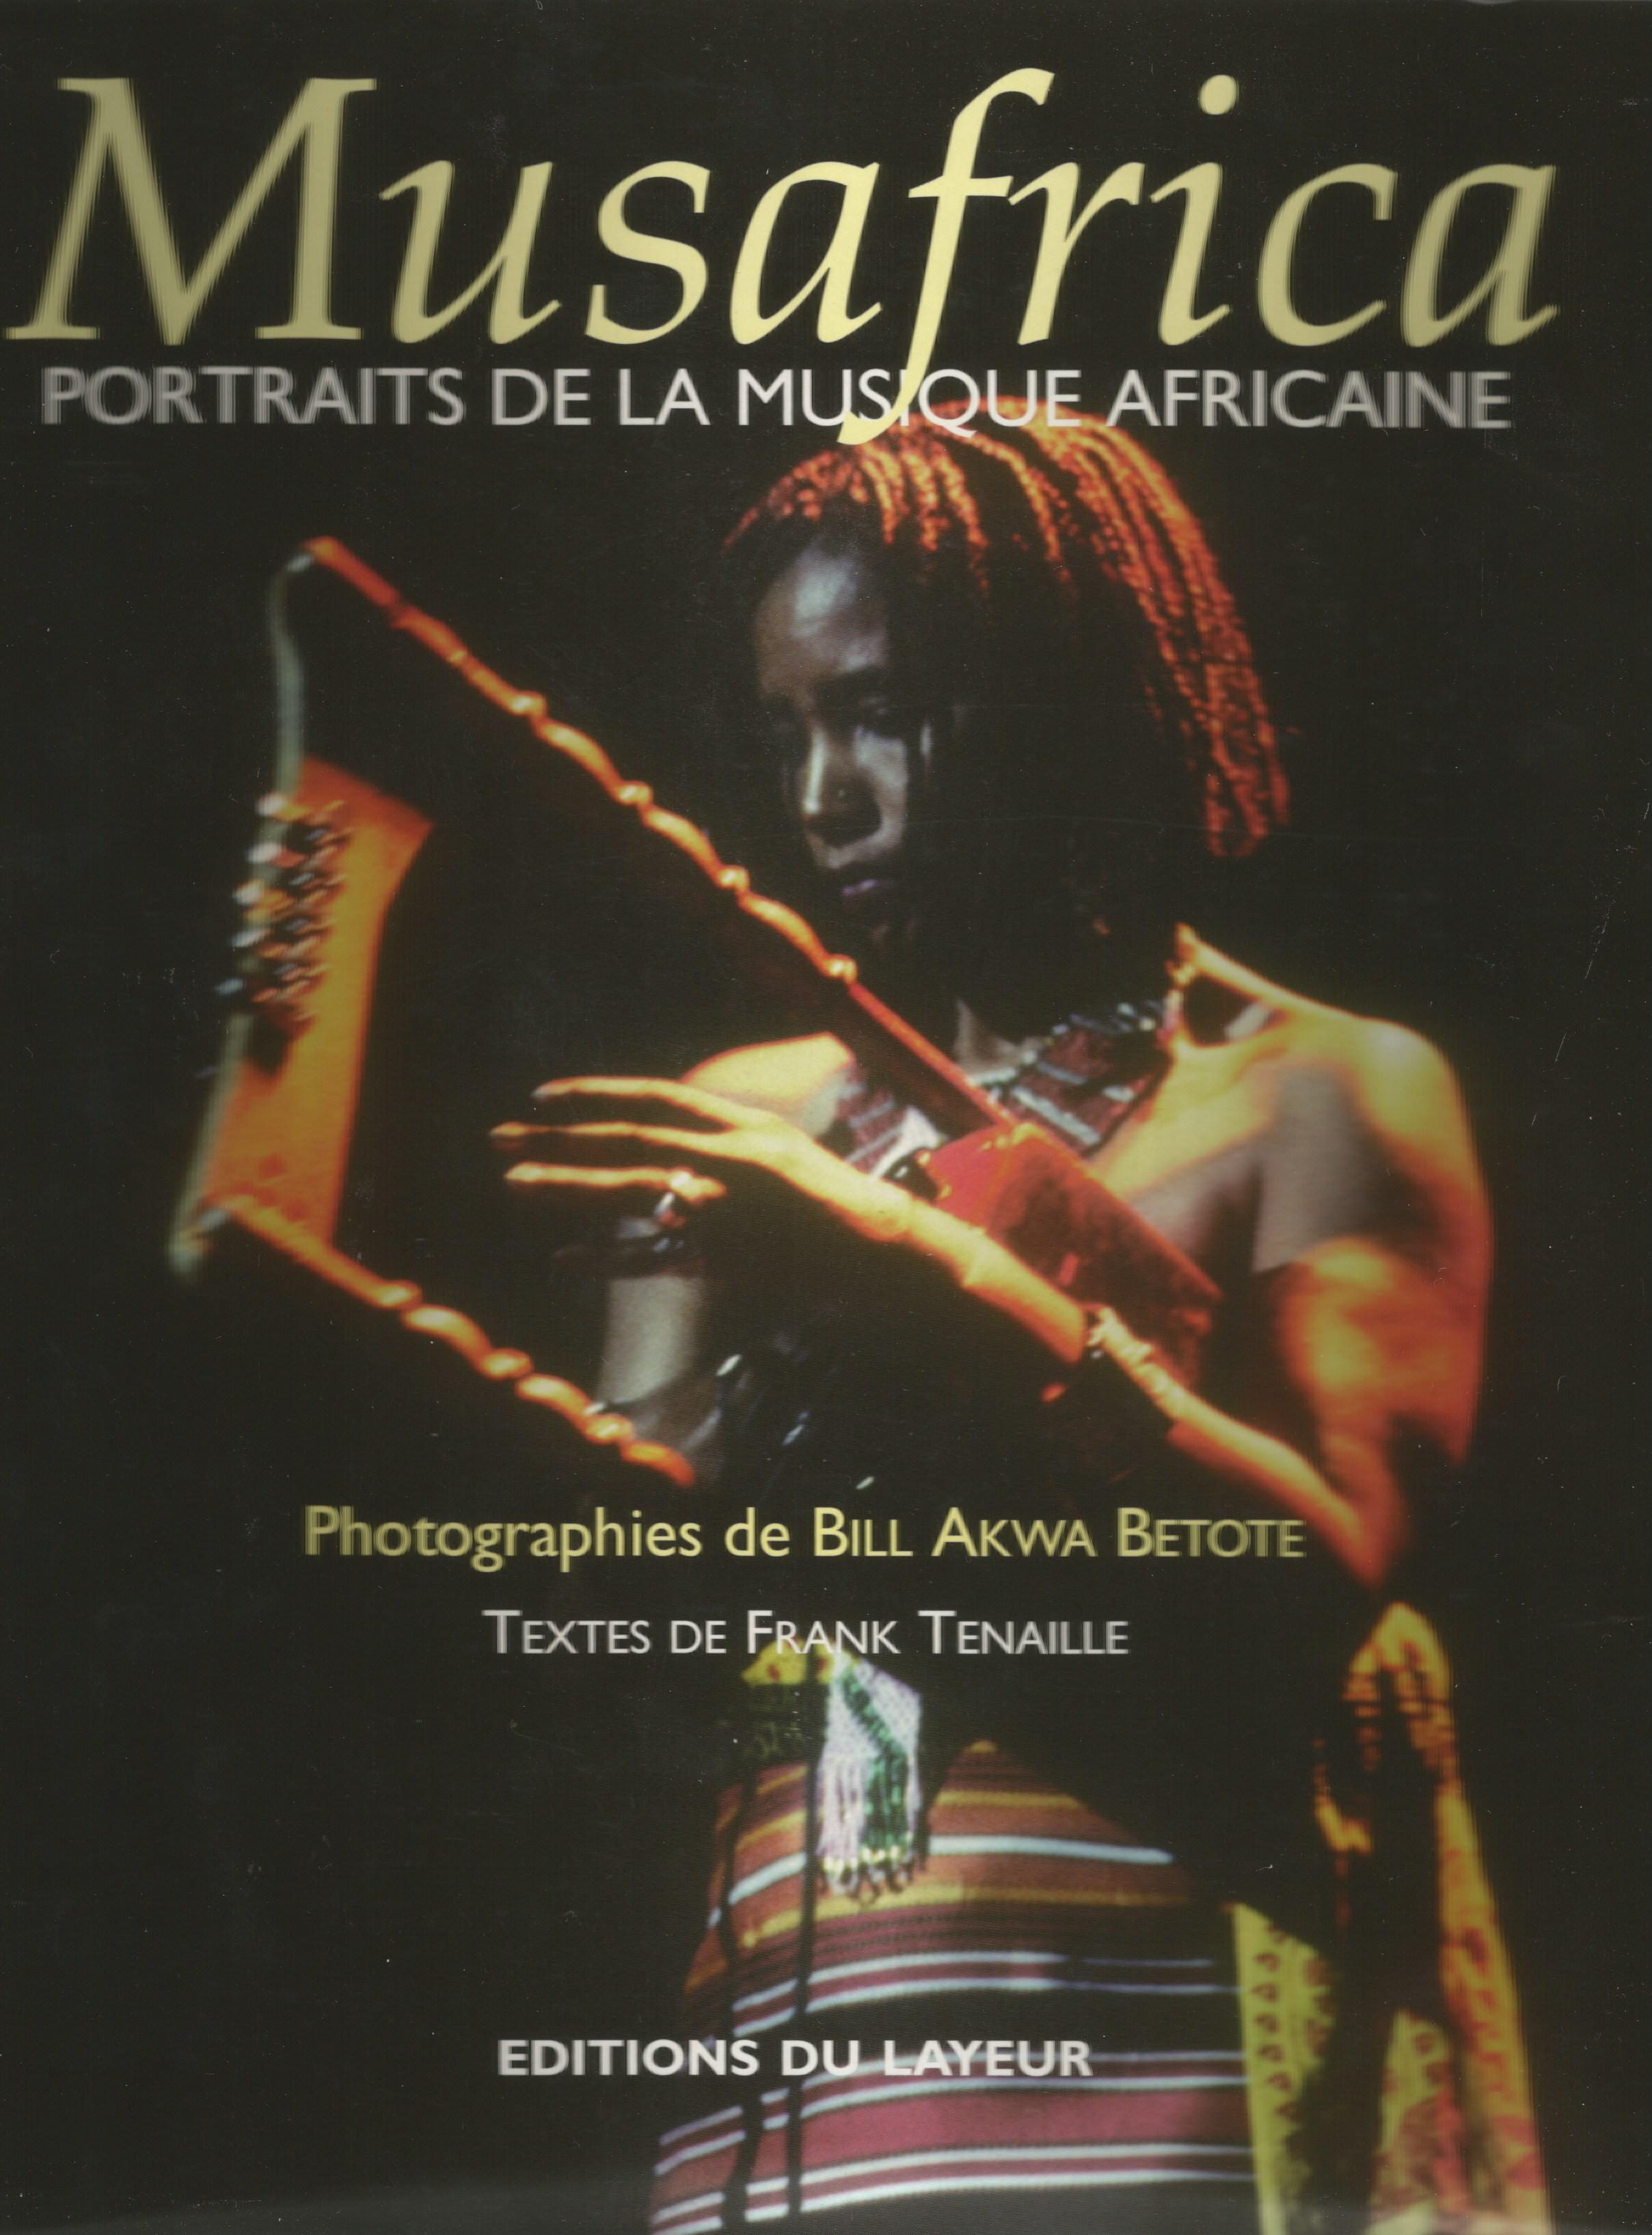 Livre Musafrica avec Bill Akwa Betote